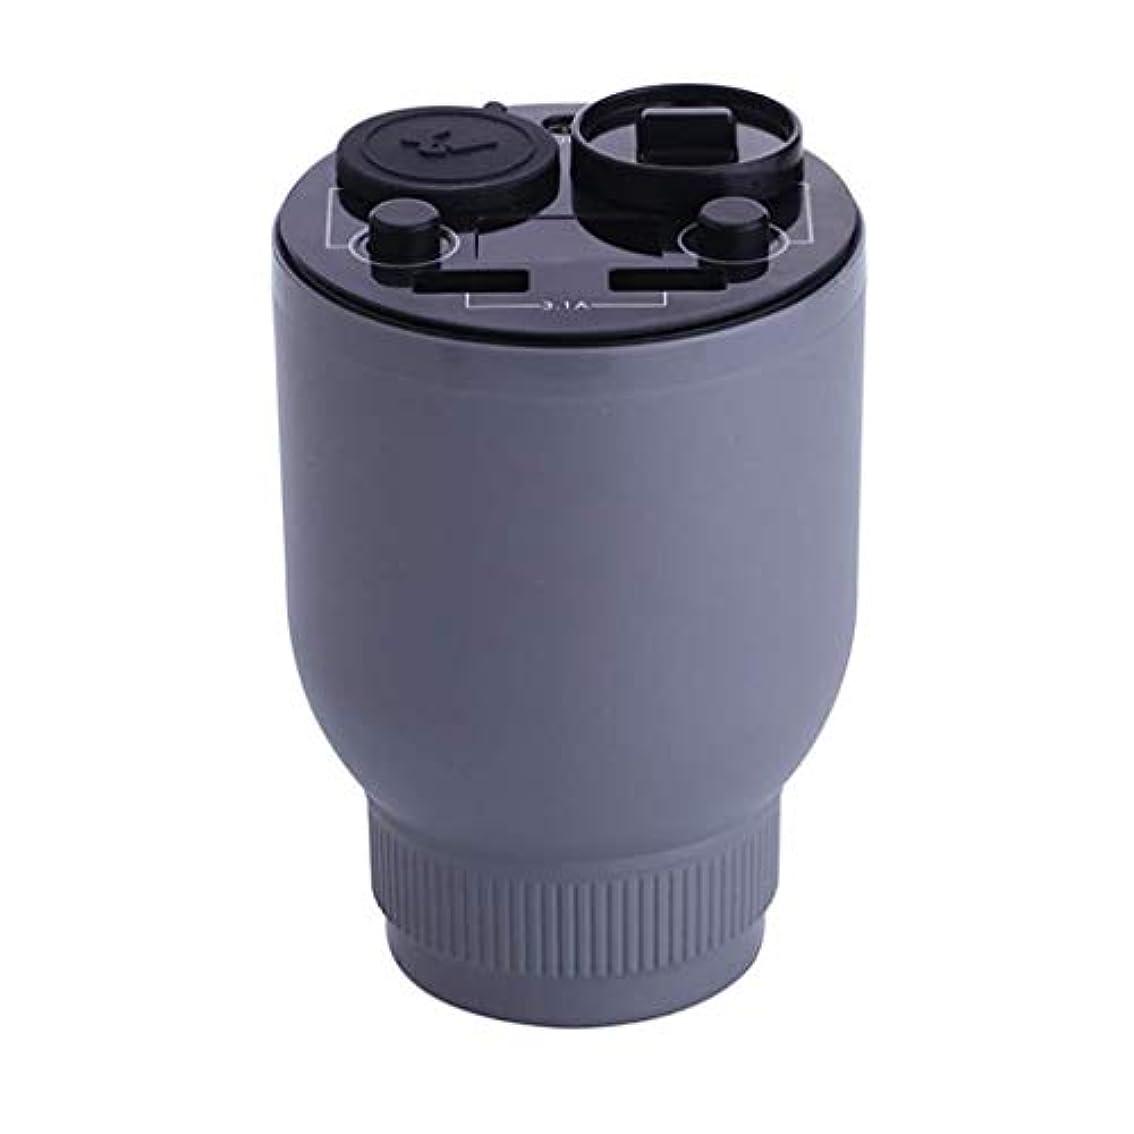 無視する啓発する習慣電気アロマディフューザー、超音波加湿器、携帯用空気浄化アロマテラピーマシン、車のファッションデザイン用車アロマセラピーカップ付きタバコ (Color : Gray)